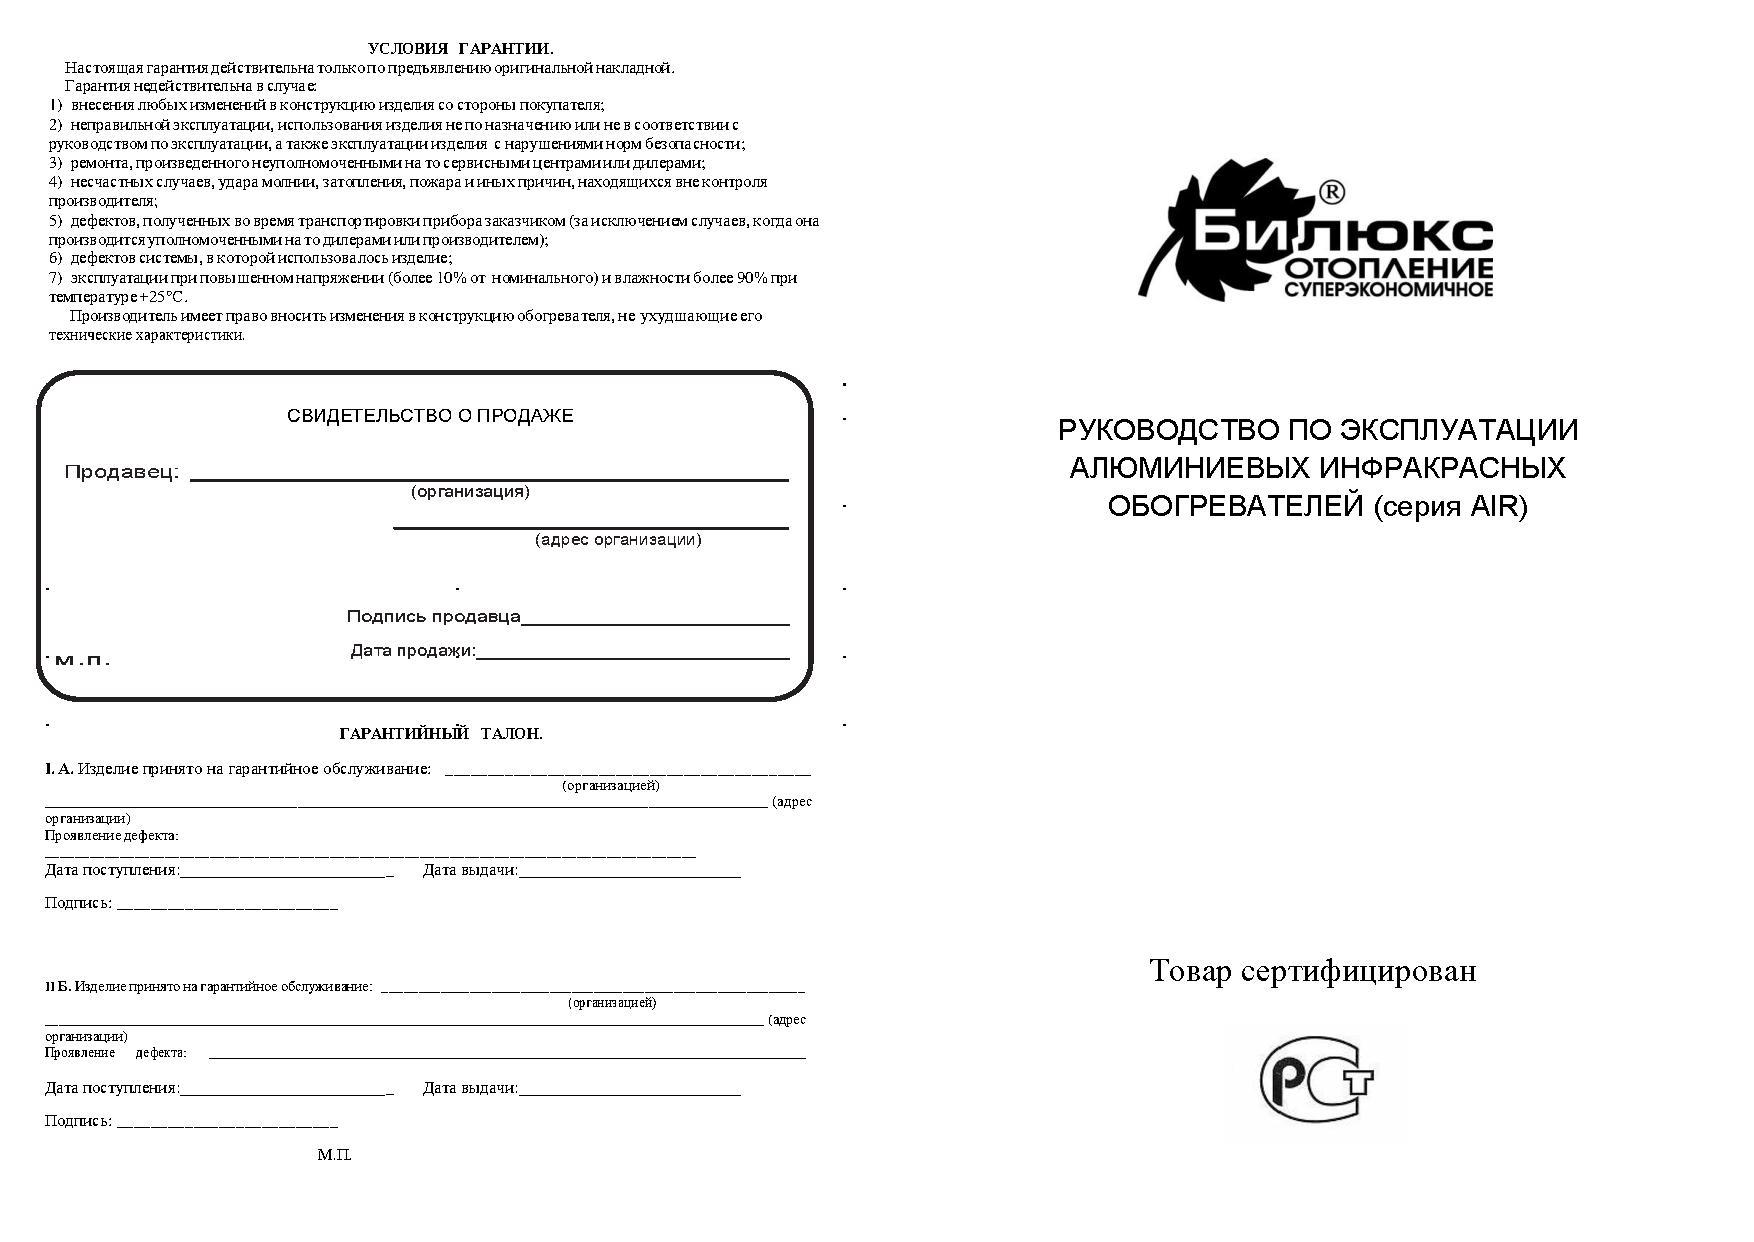 Инструкция на инфракрасные обогреватели БиЛюкс